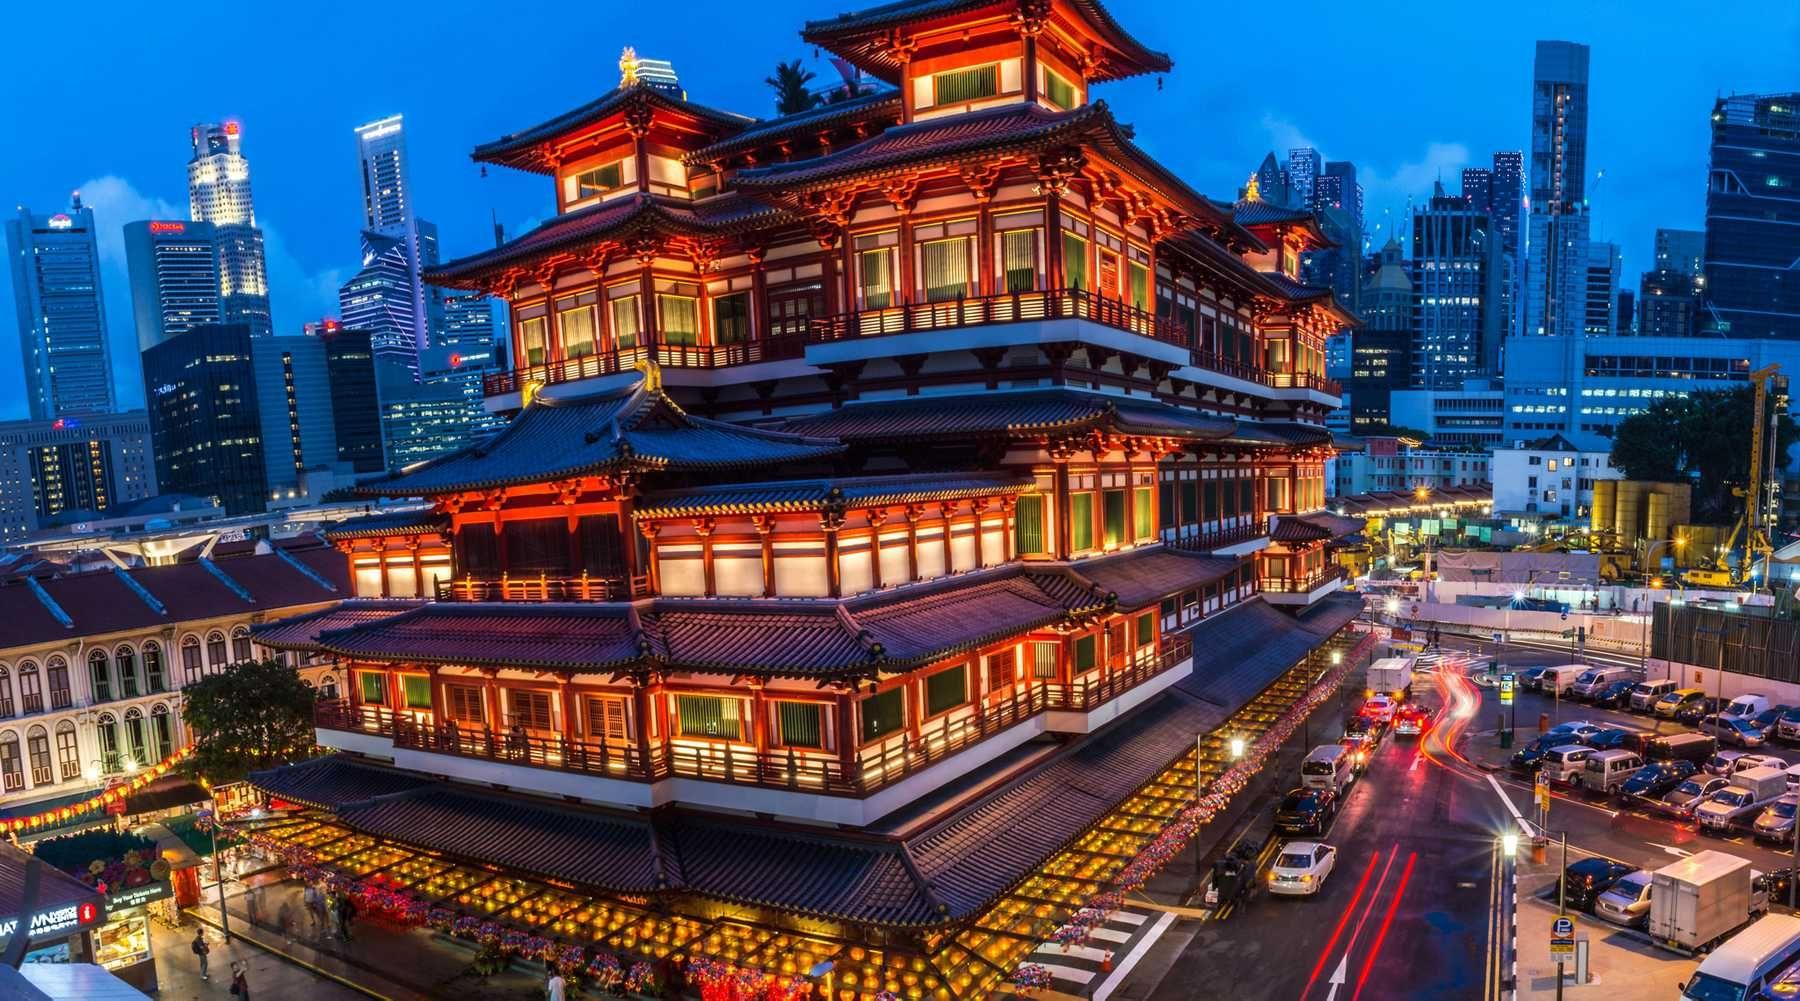 Khu phố Hoa ở Singapore mang đậm nét truyền thống văn hóa đặc sắc